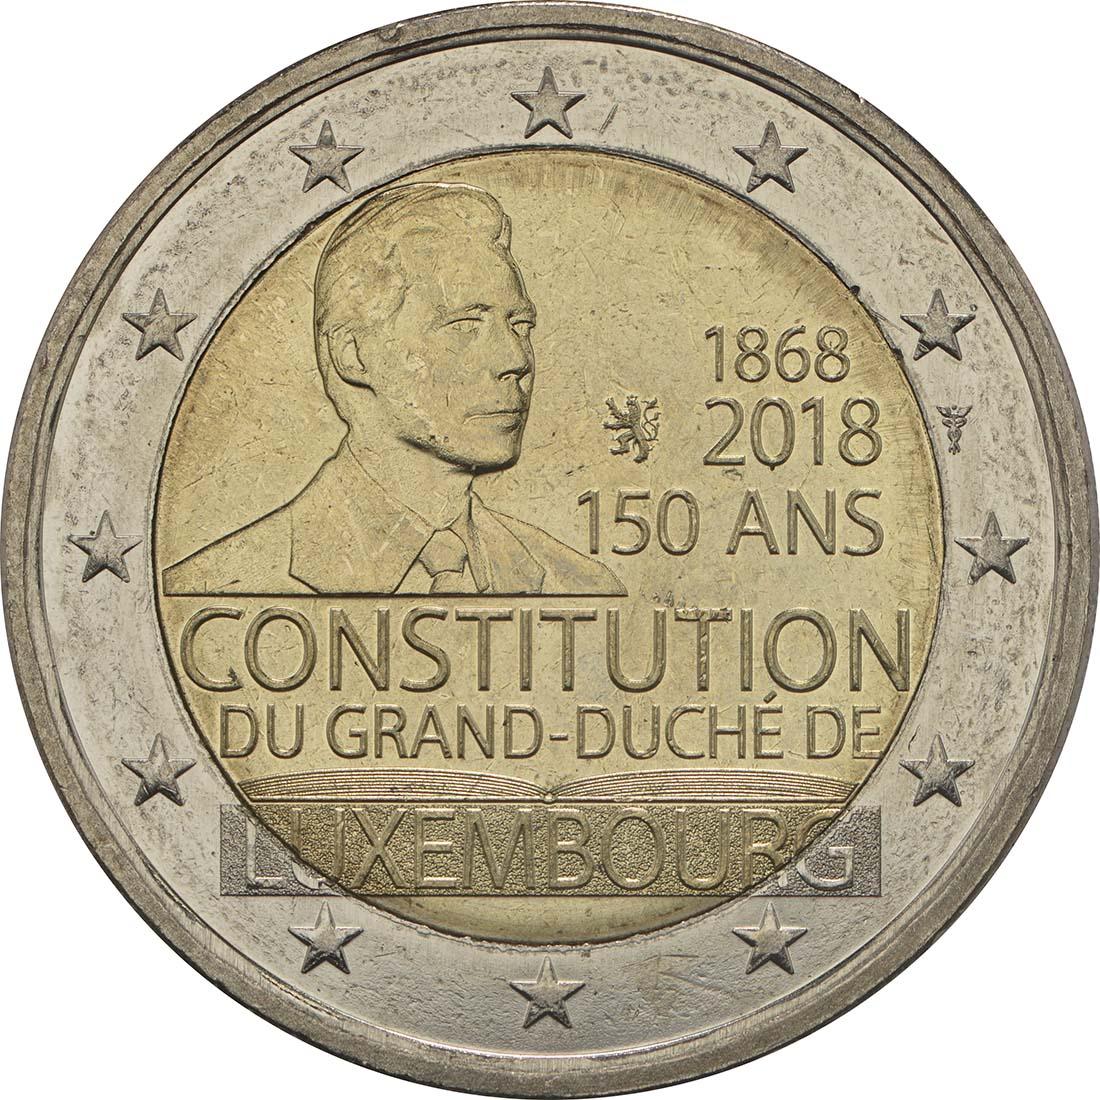 2018 297 Luxemburg Verfassung.jpg